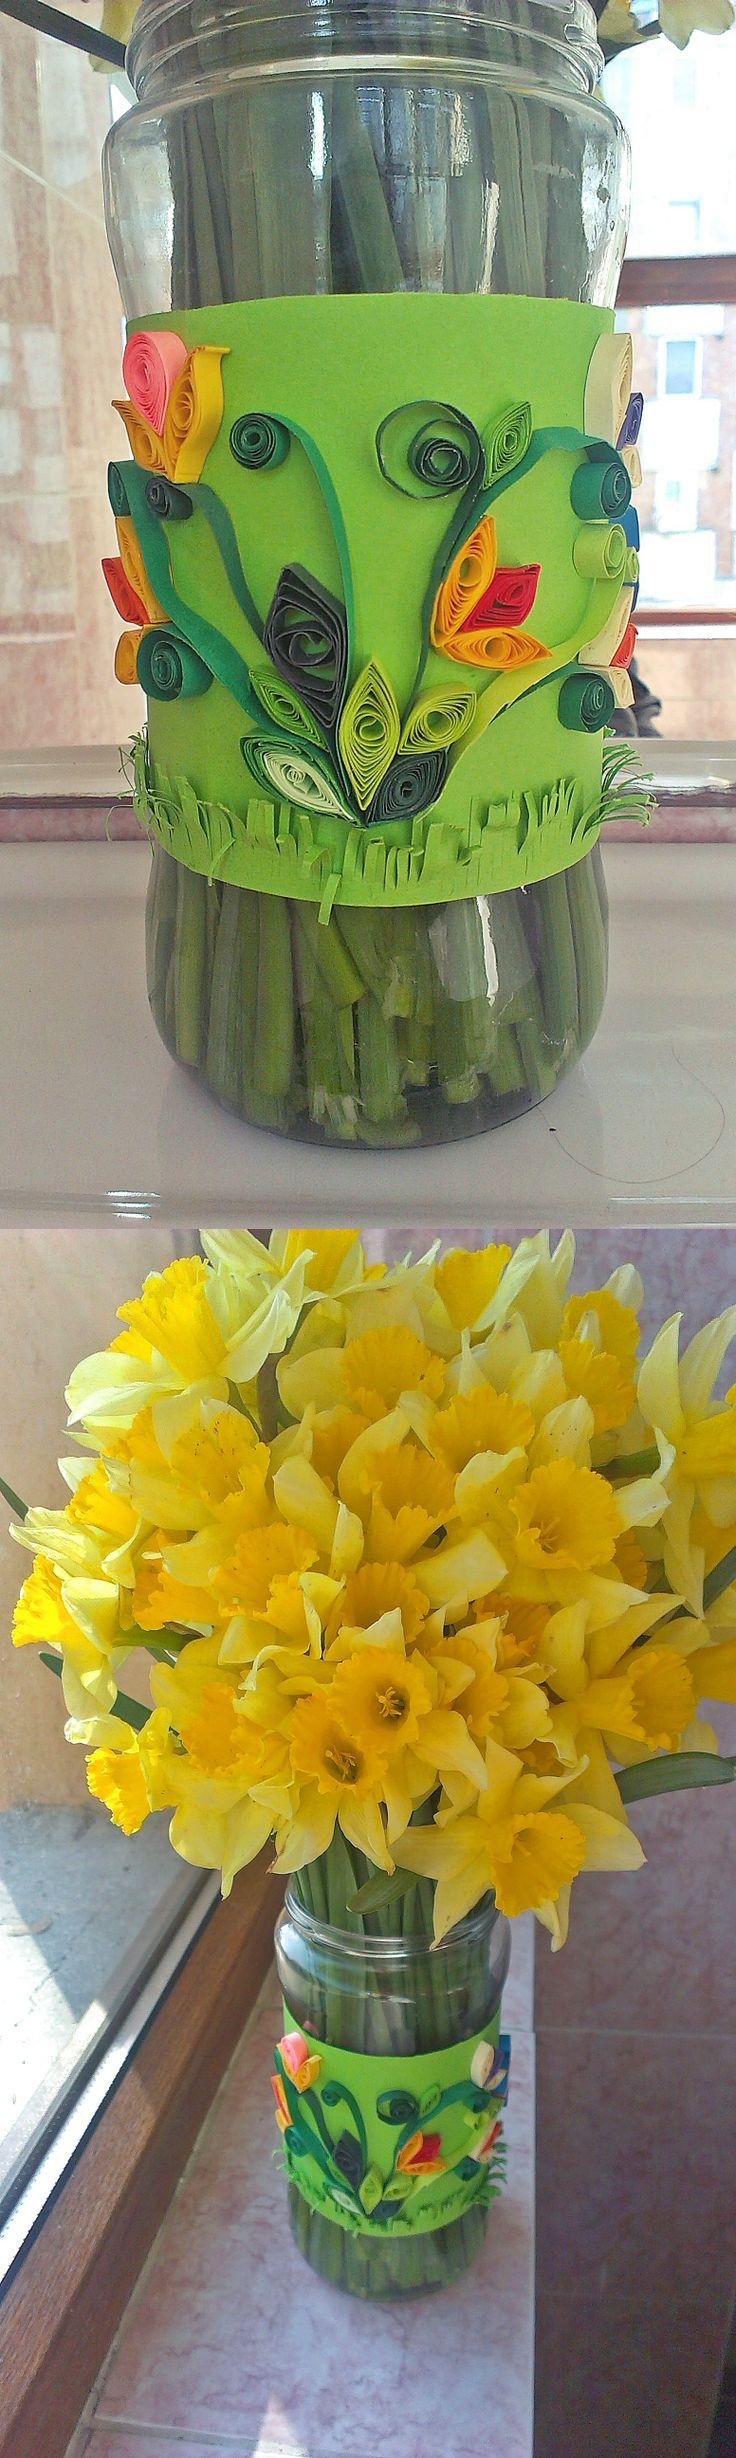 #diy #vase #jar #quilling #daffodils